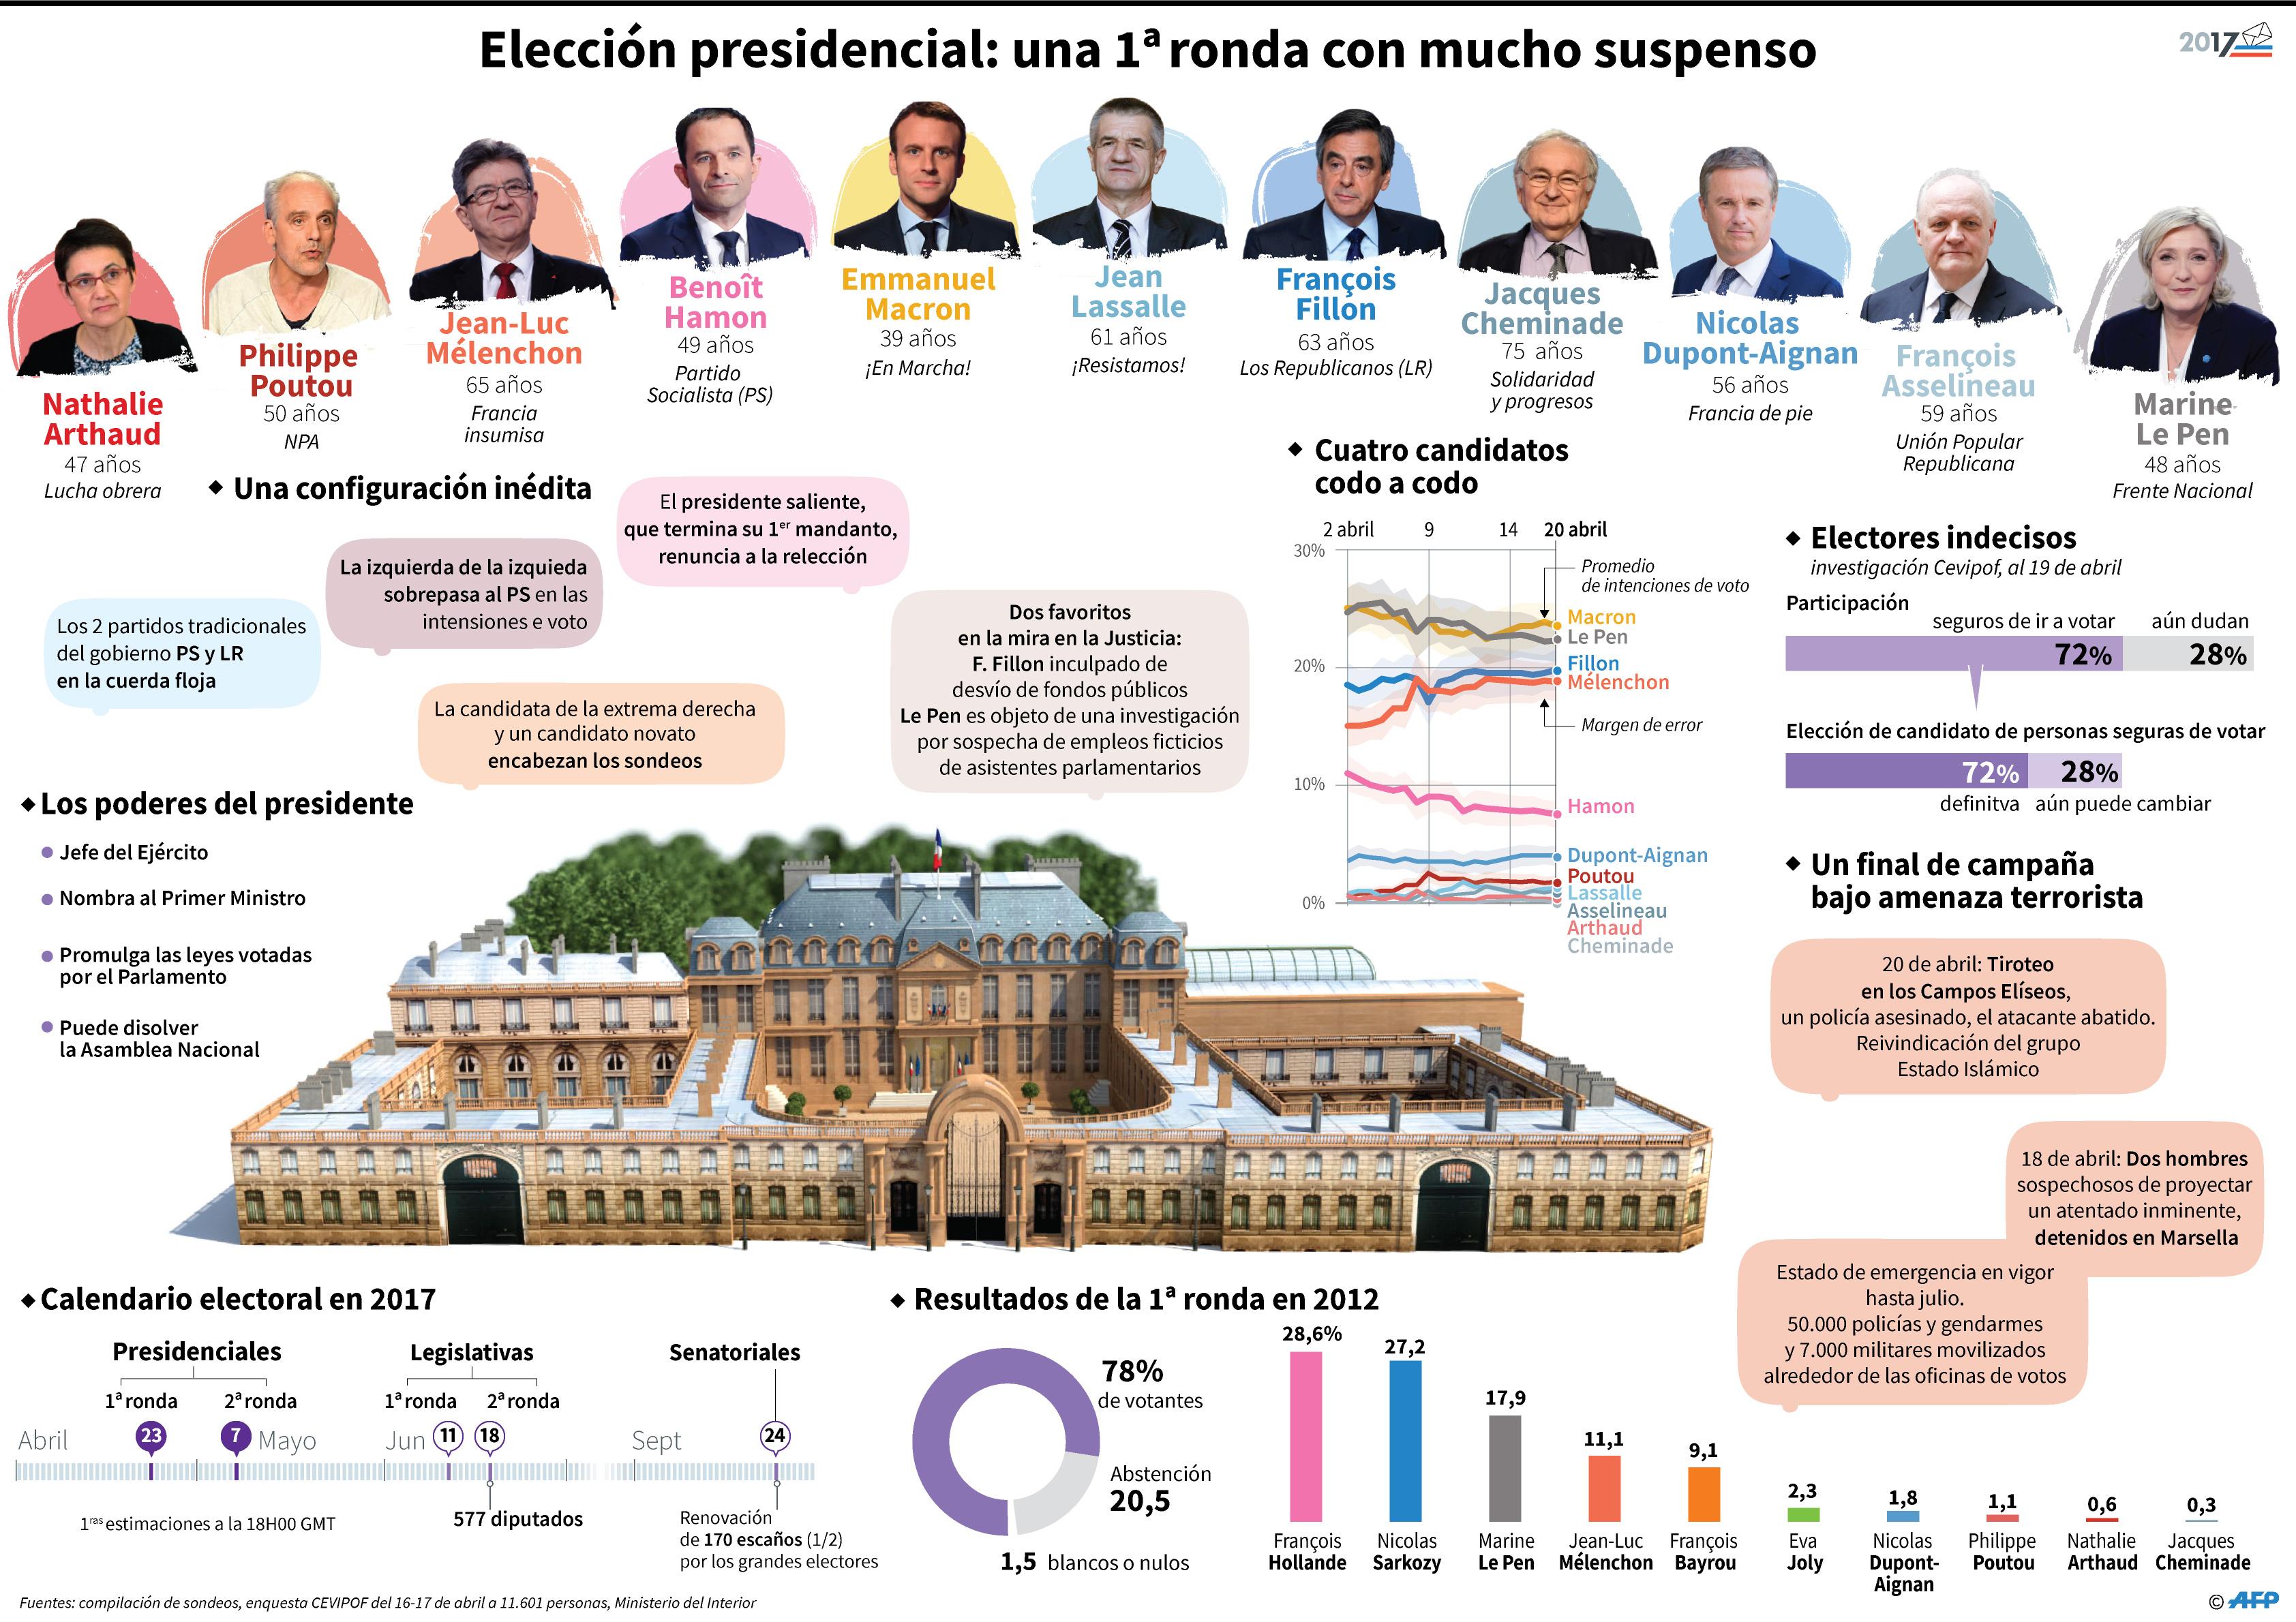 Macron y Le Pen definirán la presidencia en un balotaje